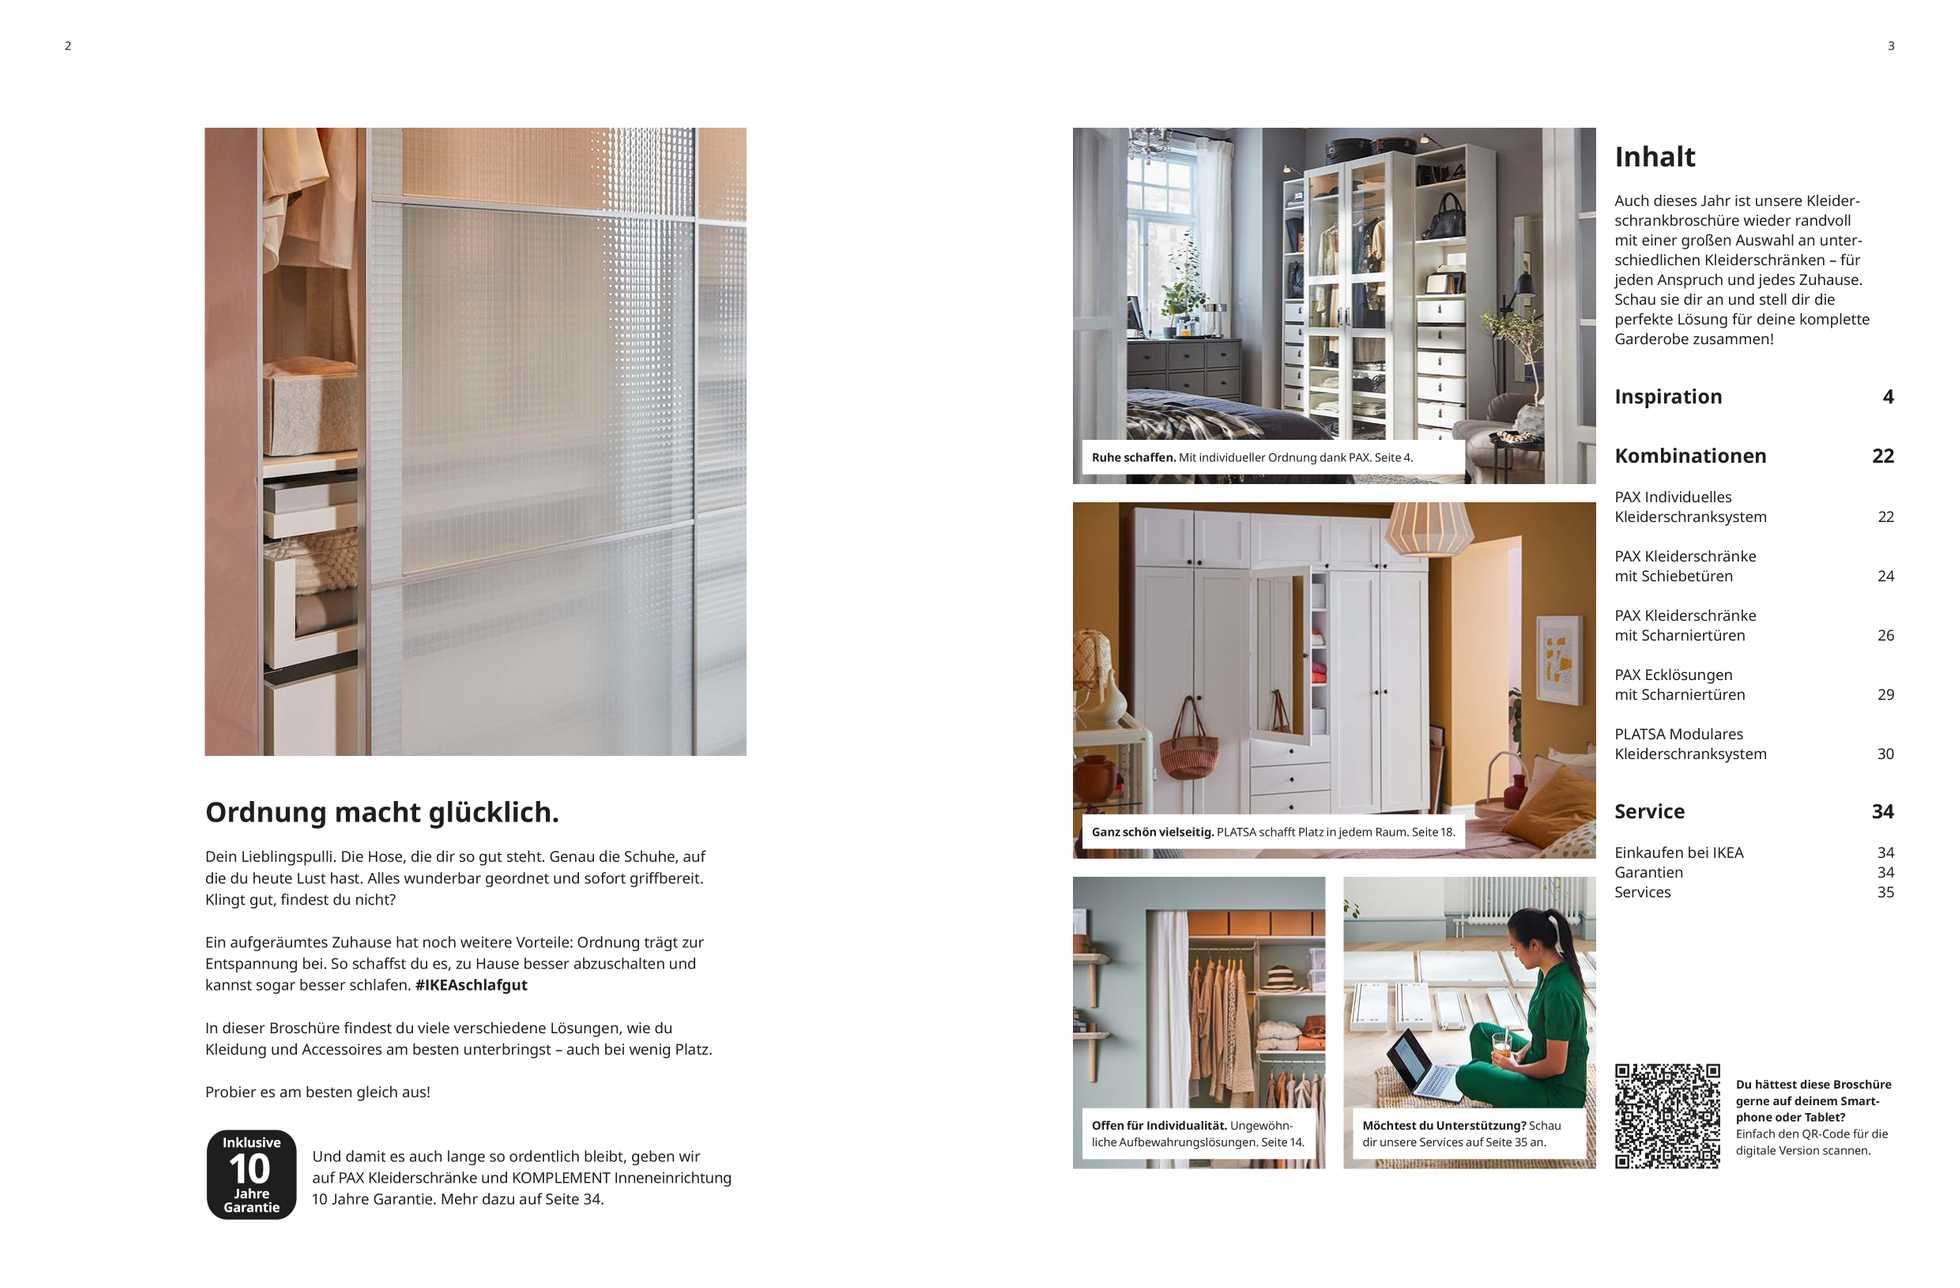 IKEA - Promo ab 20-08-2019 - seite 2